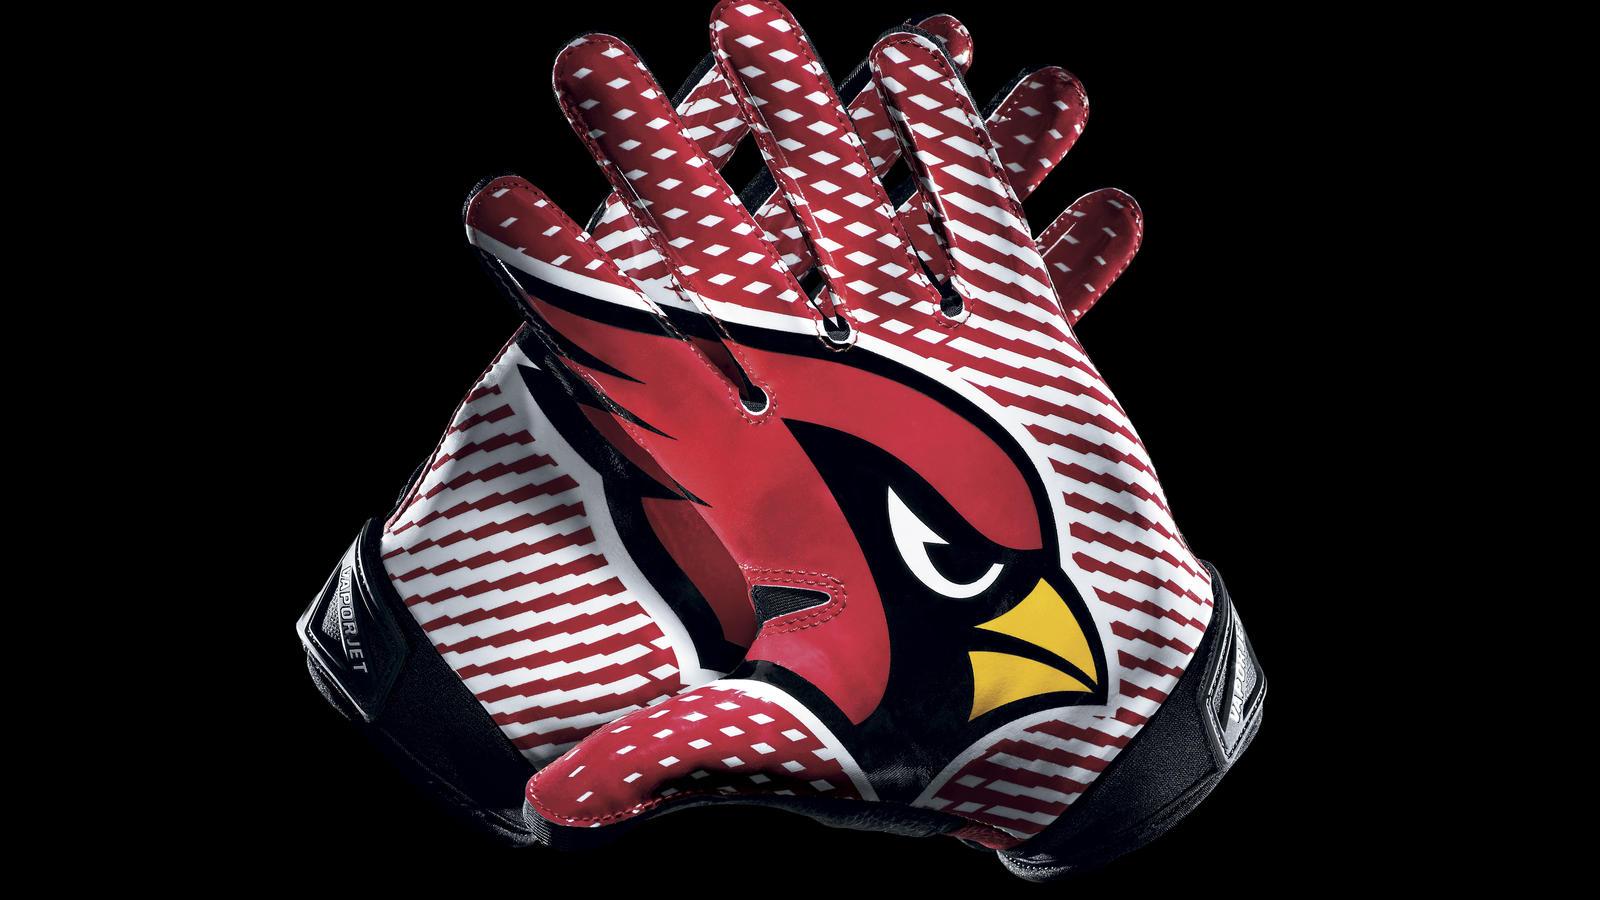 e1e65e4d9182 NFL 2012 Cardinals VaporJet2Glove. SU12 AT NFL UNIFORM BACK CARDINALS.  SU12 AT NFL UNIFORM D-RING BELT CARDINALS.  SU12 AT NFL UNIFORM DEFLEX CARDINALS